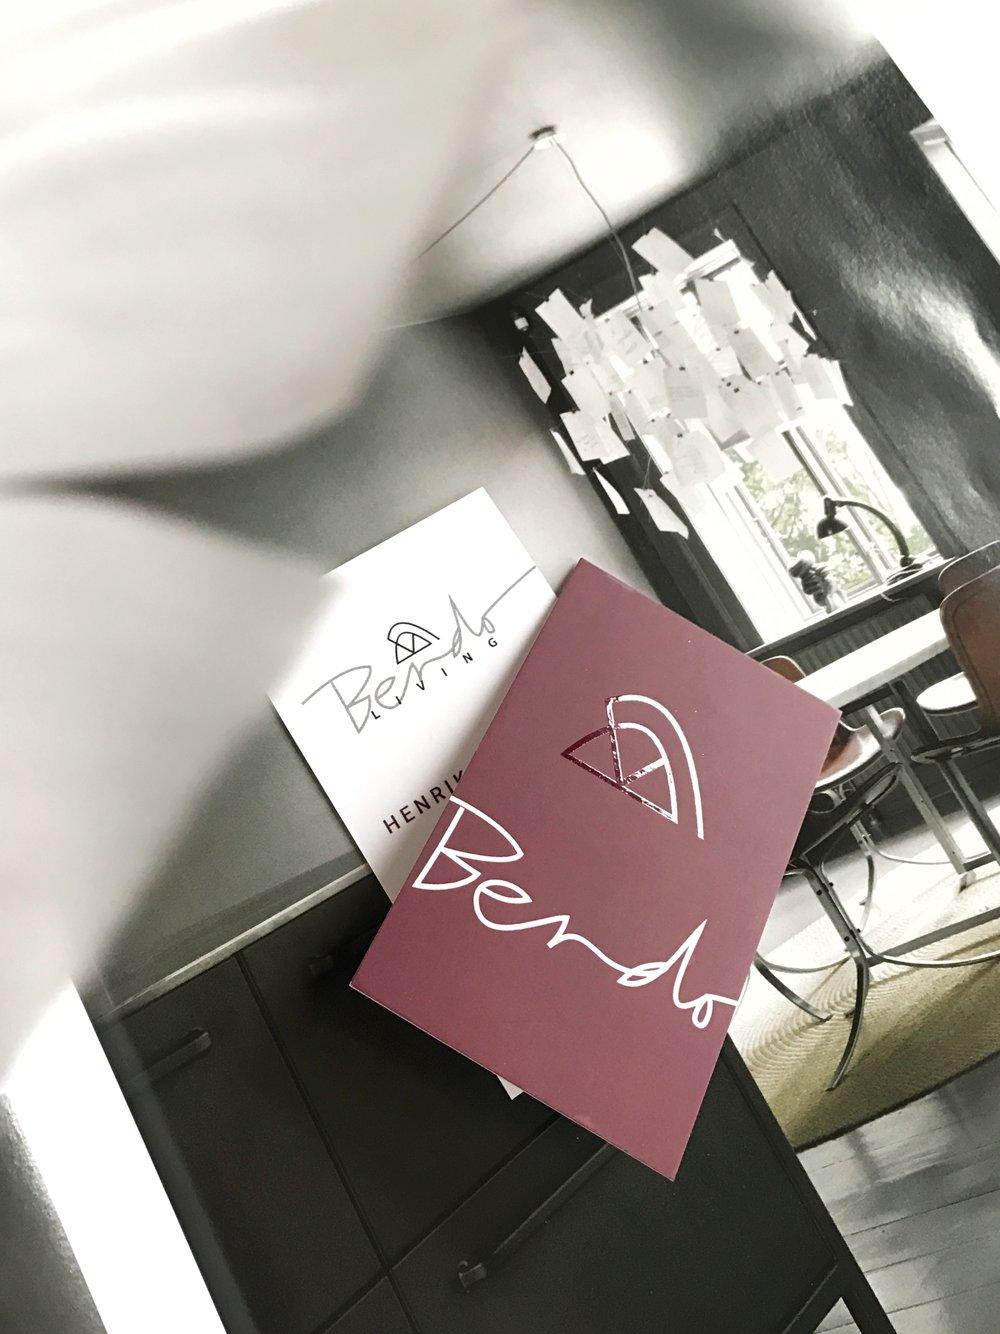 Kuva Bendo käyntikortit.jpg